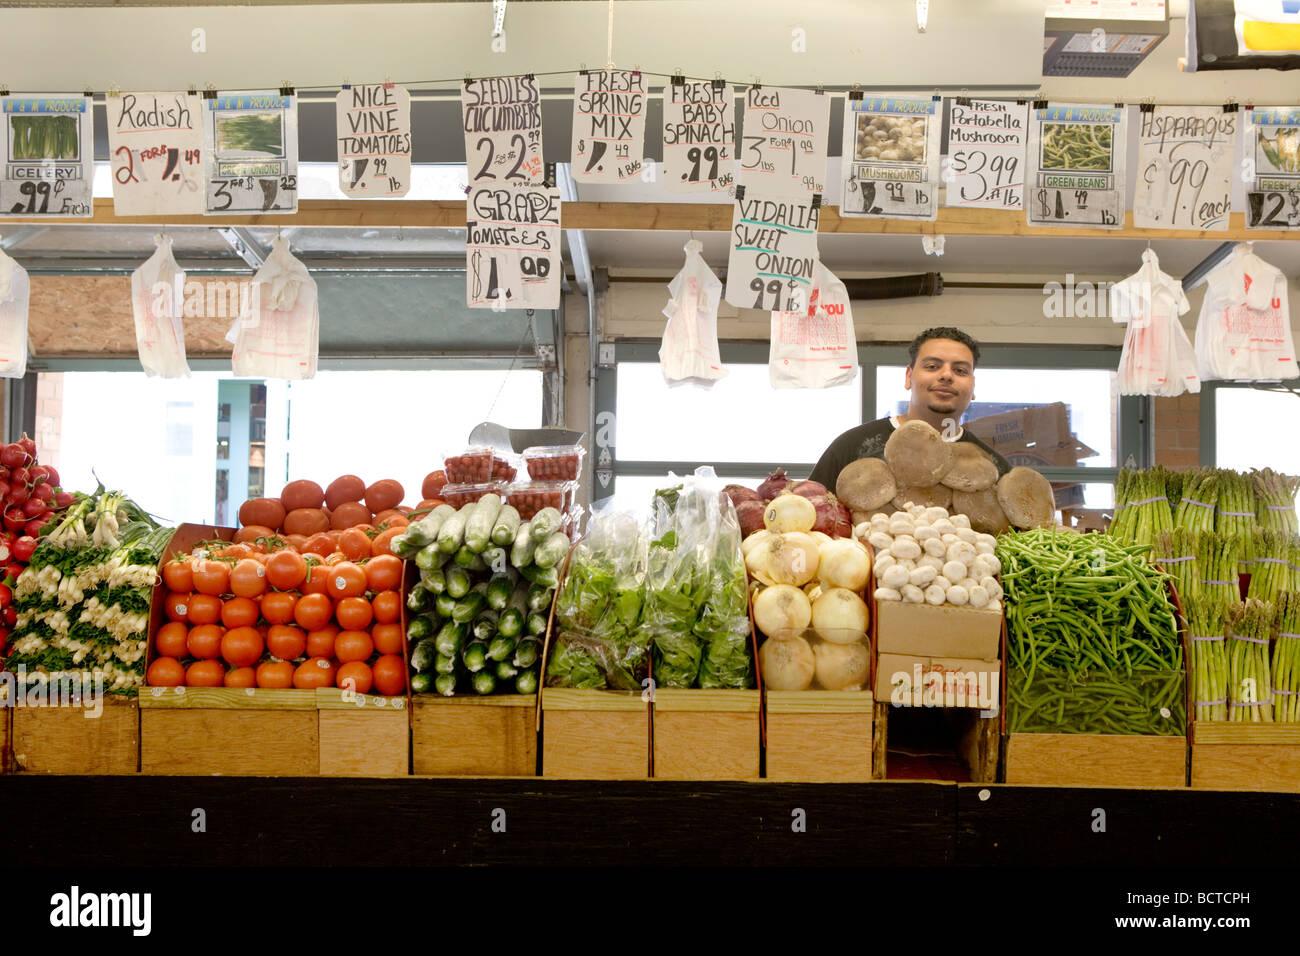 Fresh produce at West Side Market in Cleveland Ohio - Stock Image